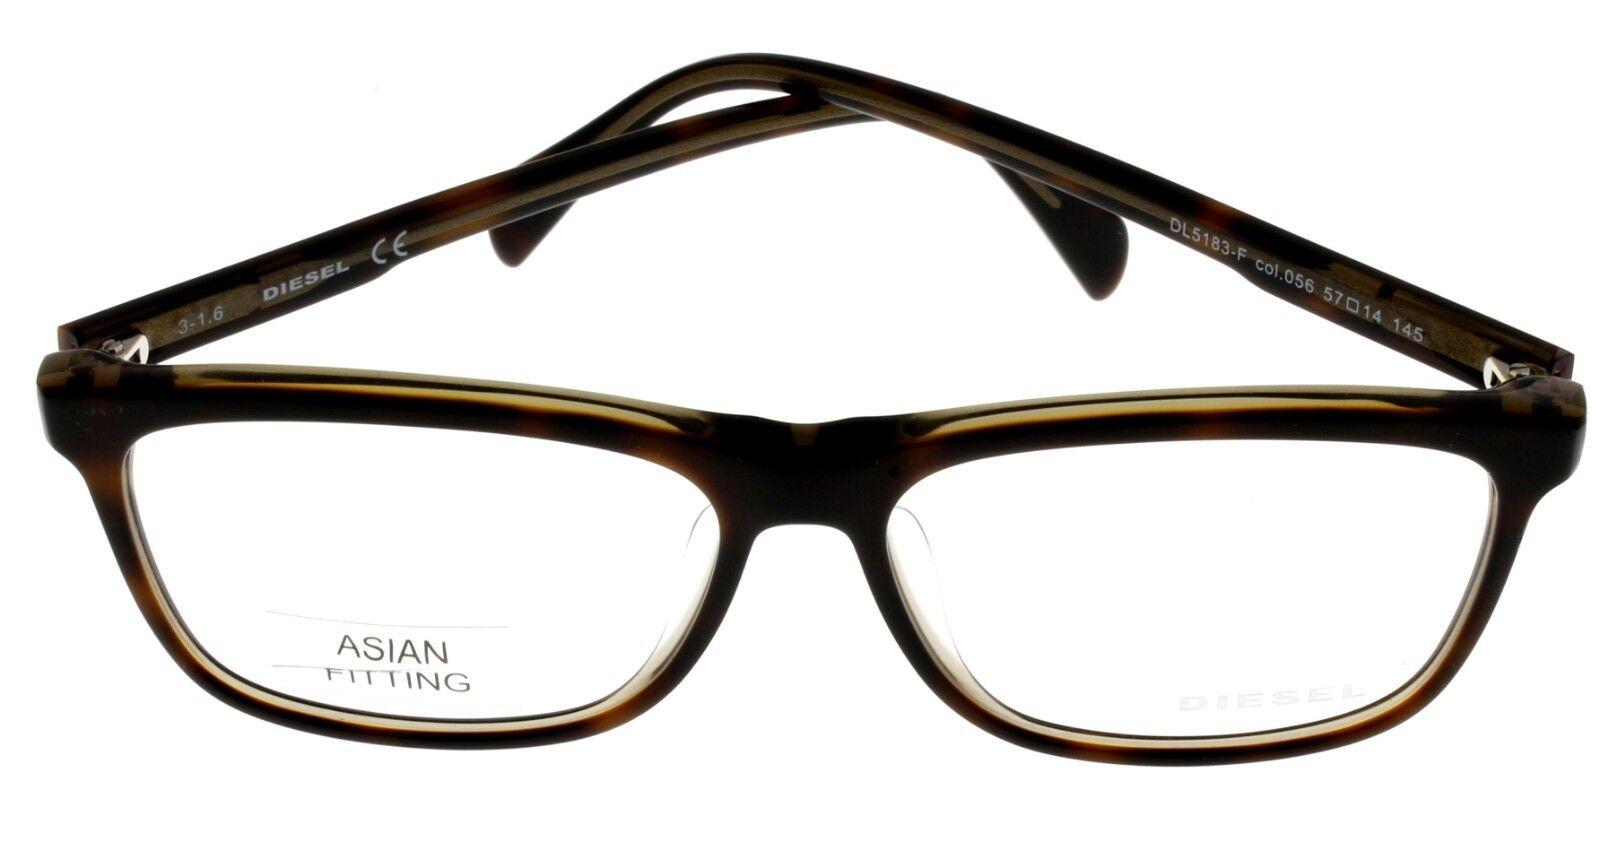 1c22e3190d37 Diesel Men Tortoise Eyeglasses Frame Rectangular Dl5183 056 | eBay